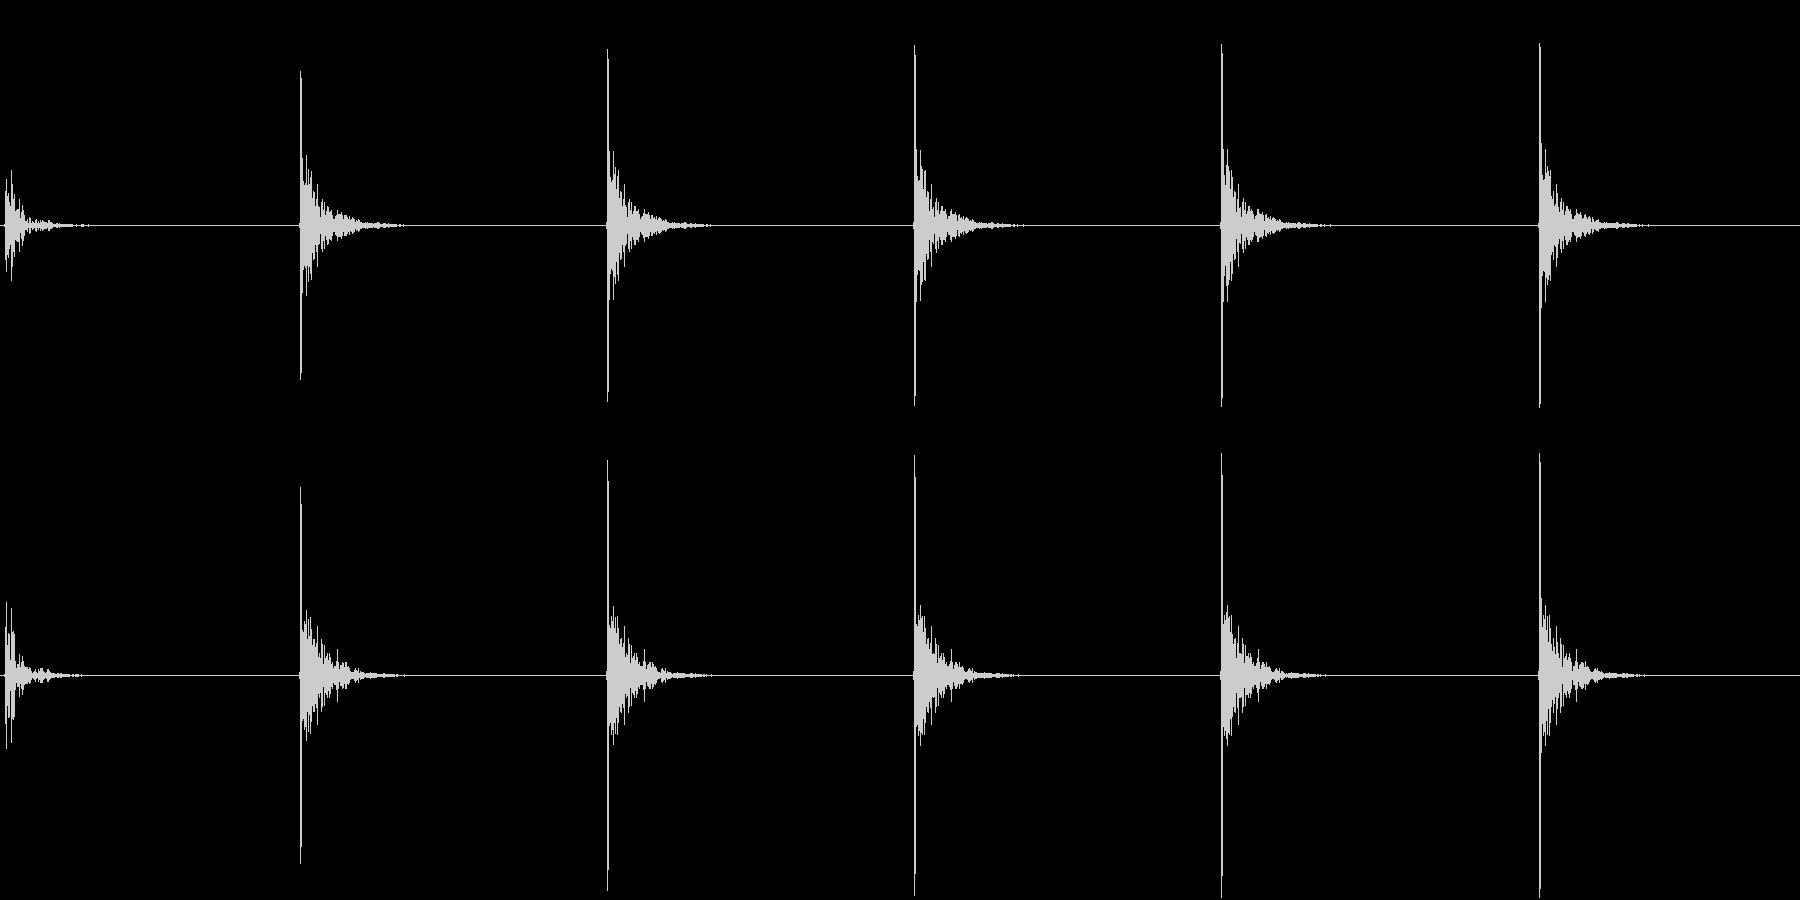 【生録音】包丁で切る音 トントン 2の未再生の波形